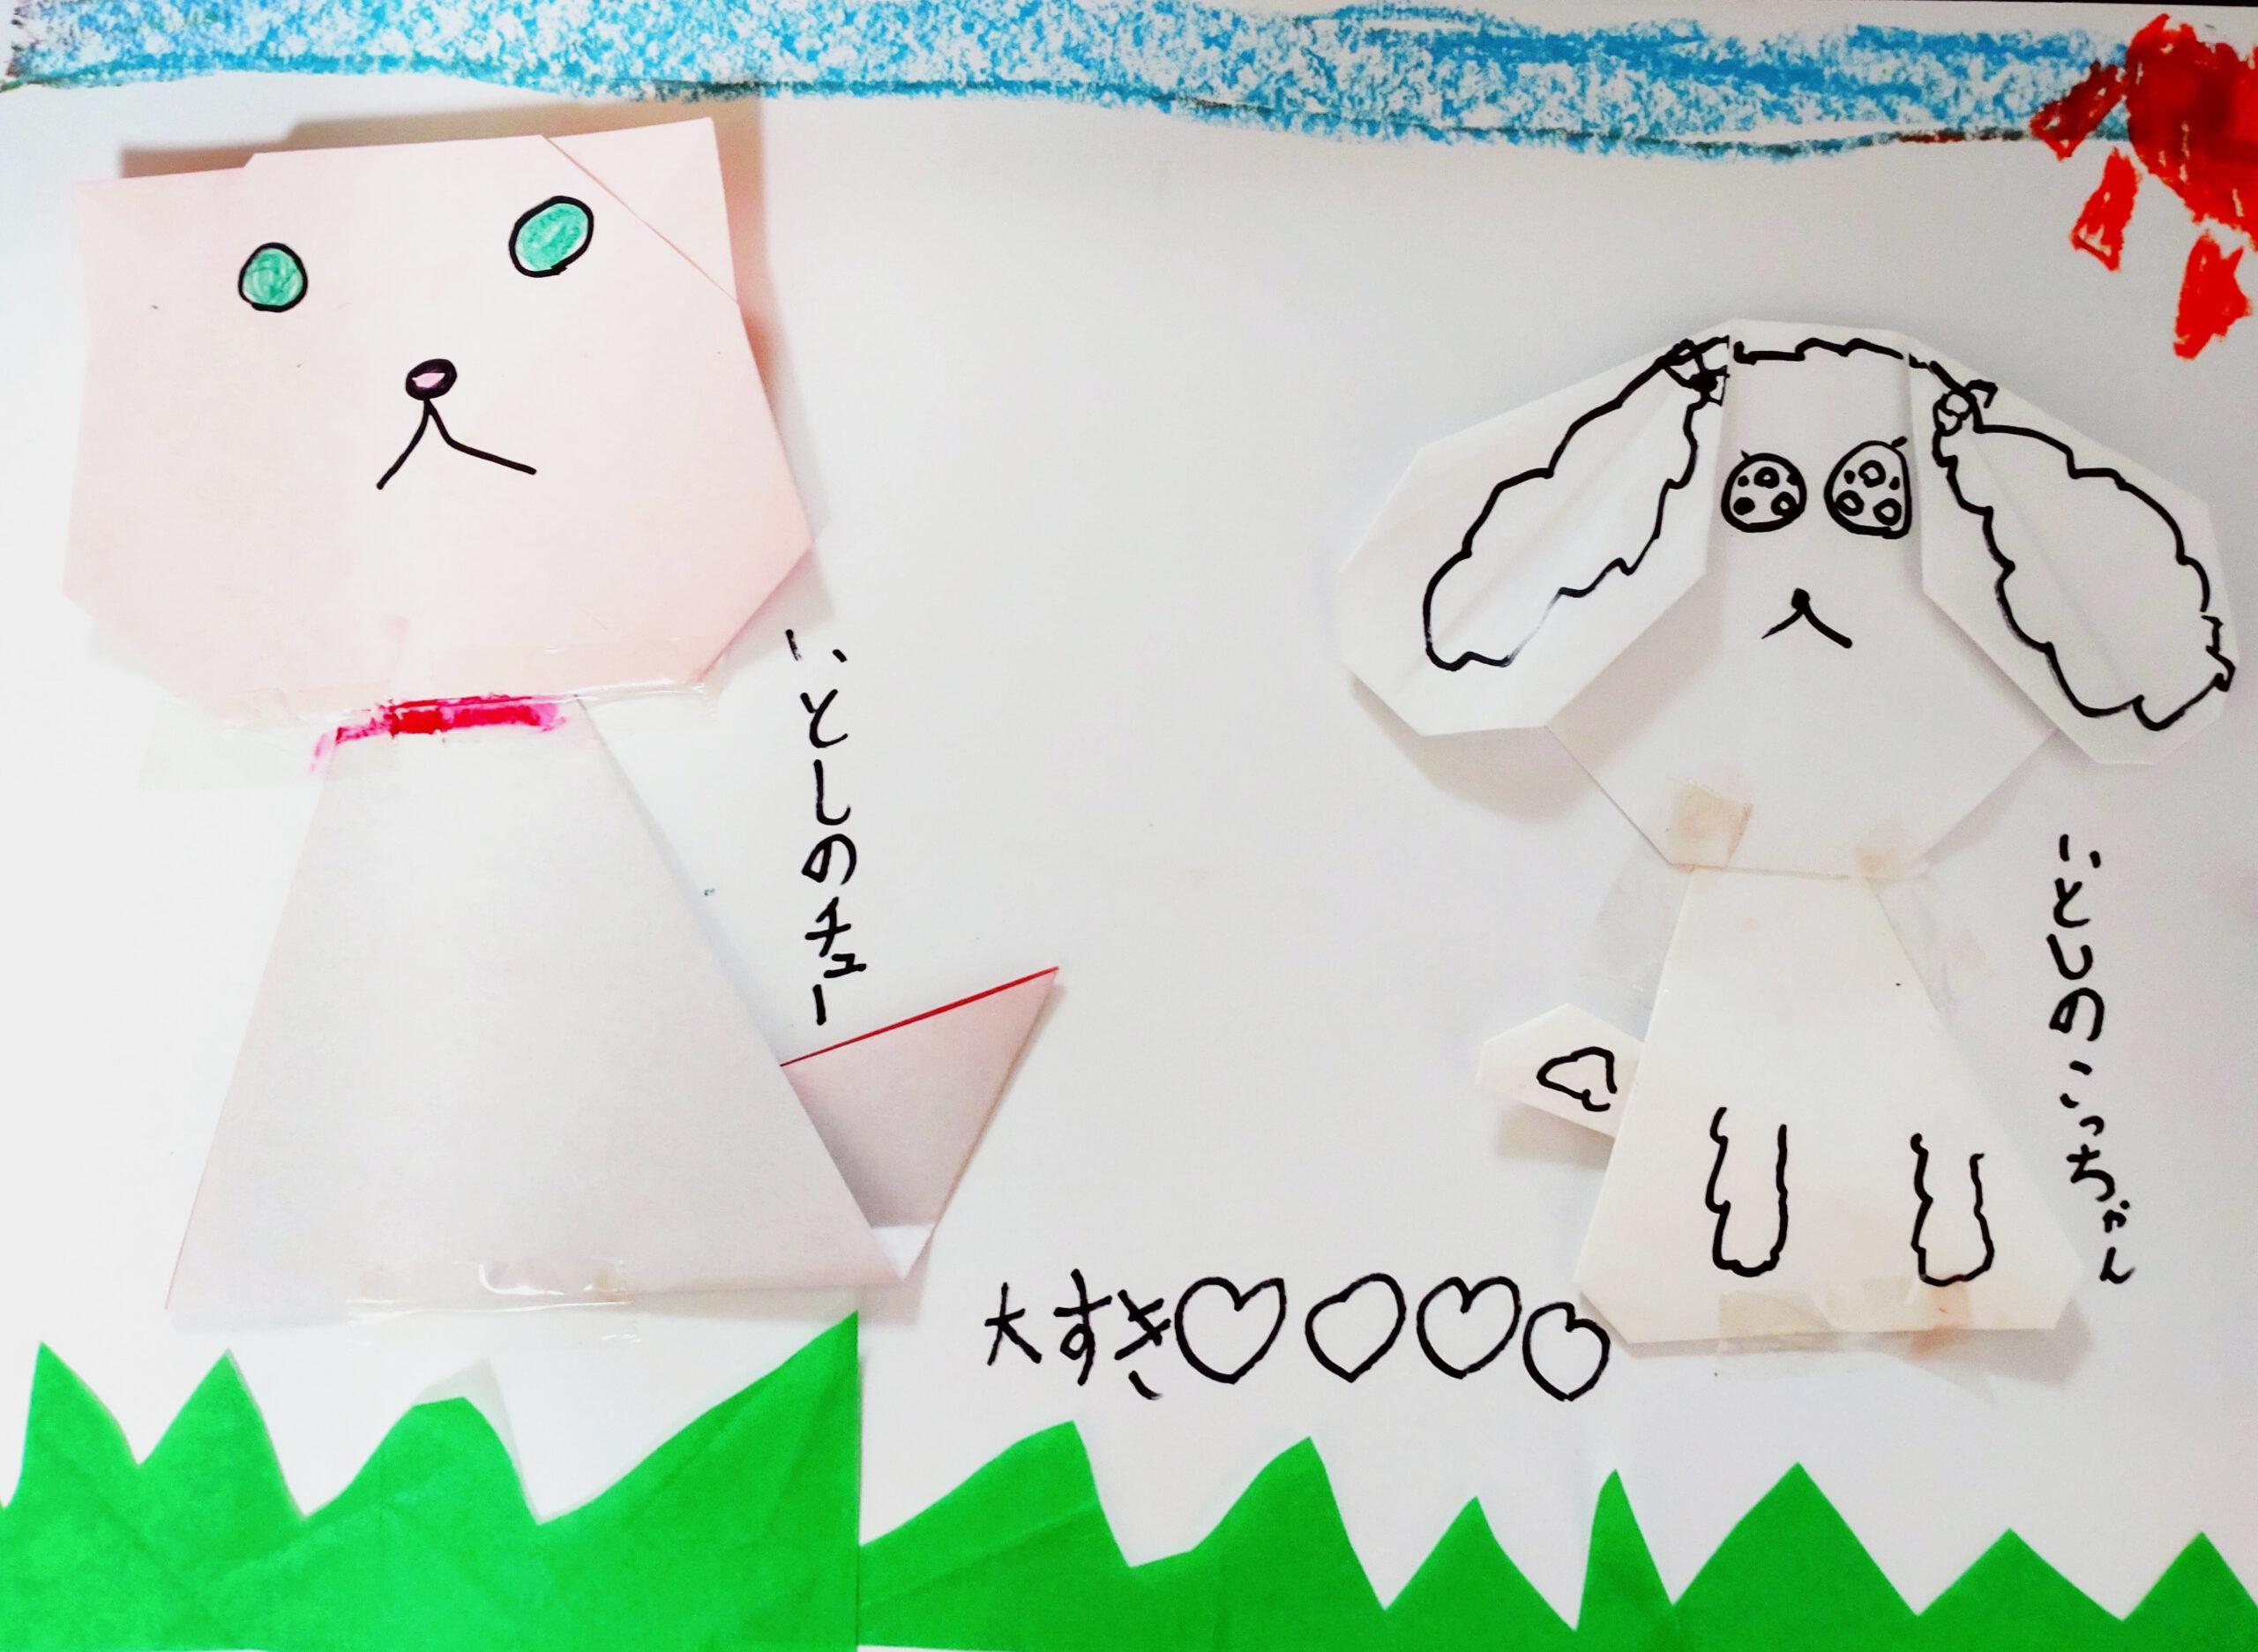 夏休みキッズ企画 『JAMC★キッズどうぶつ作品展』作品募集のお知らせ